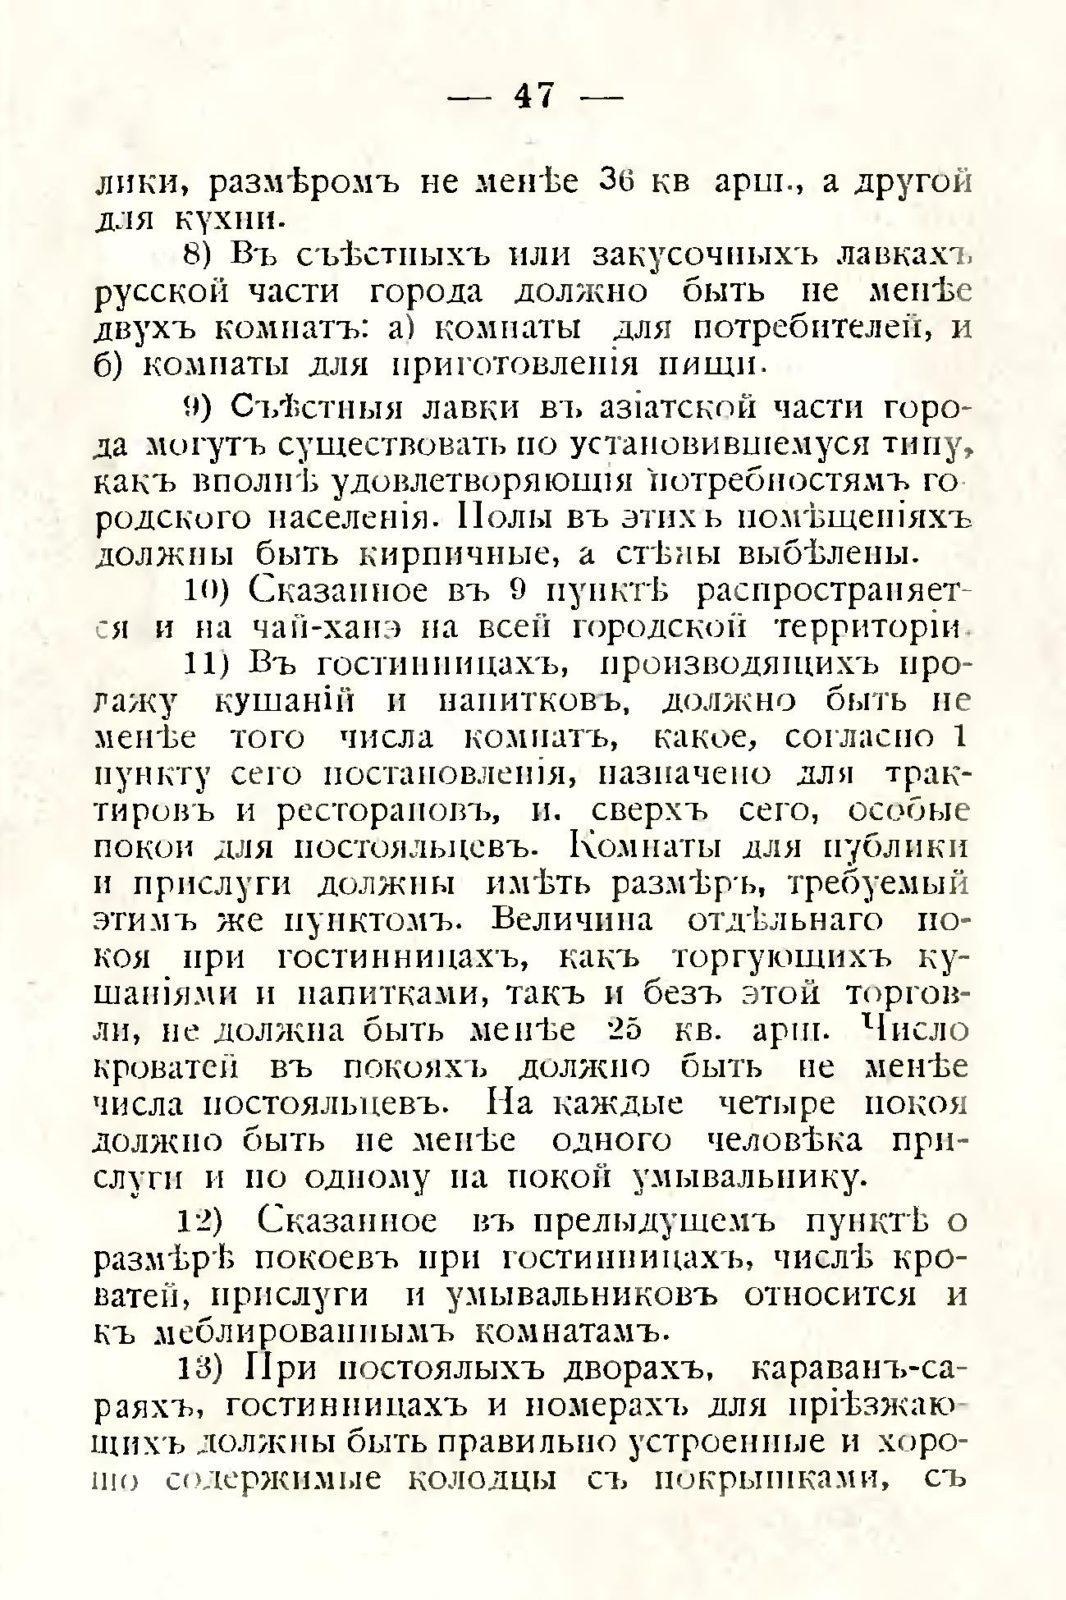 sbornik_obyazatelnyh_postanovlenii_tashkentskoi_gorodskoi_du_51